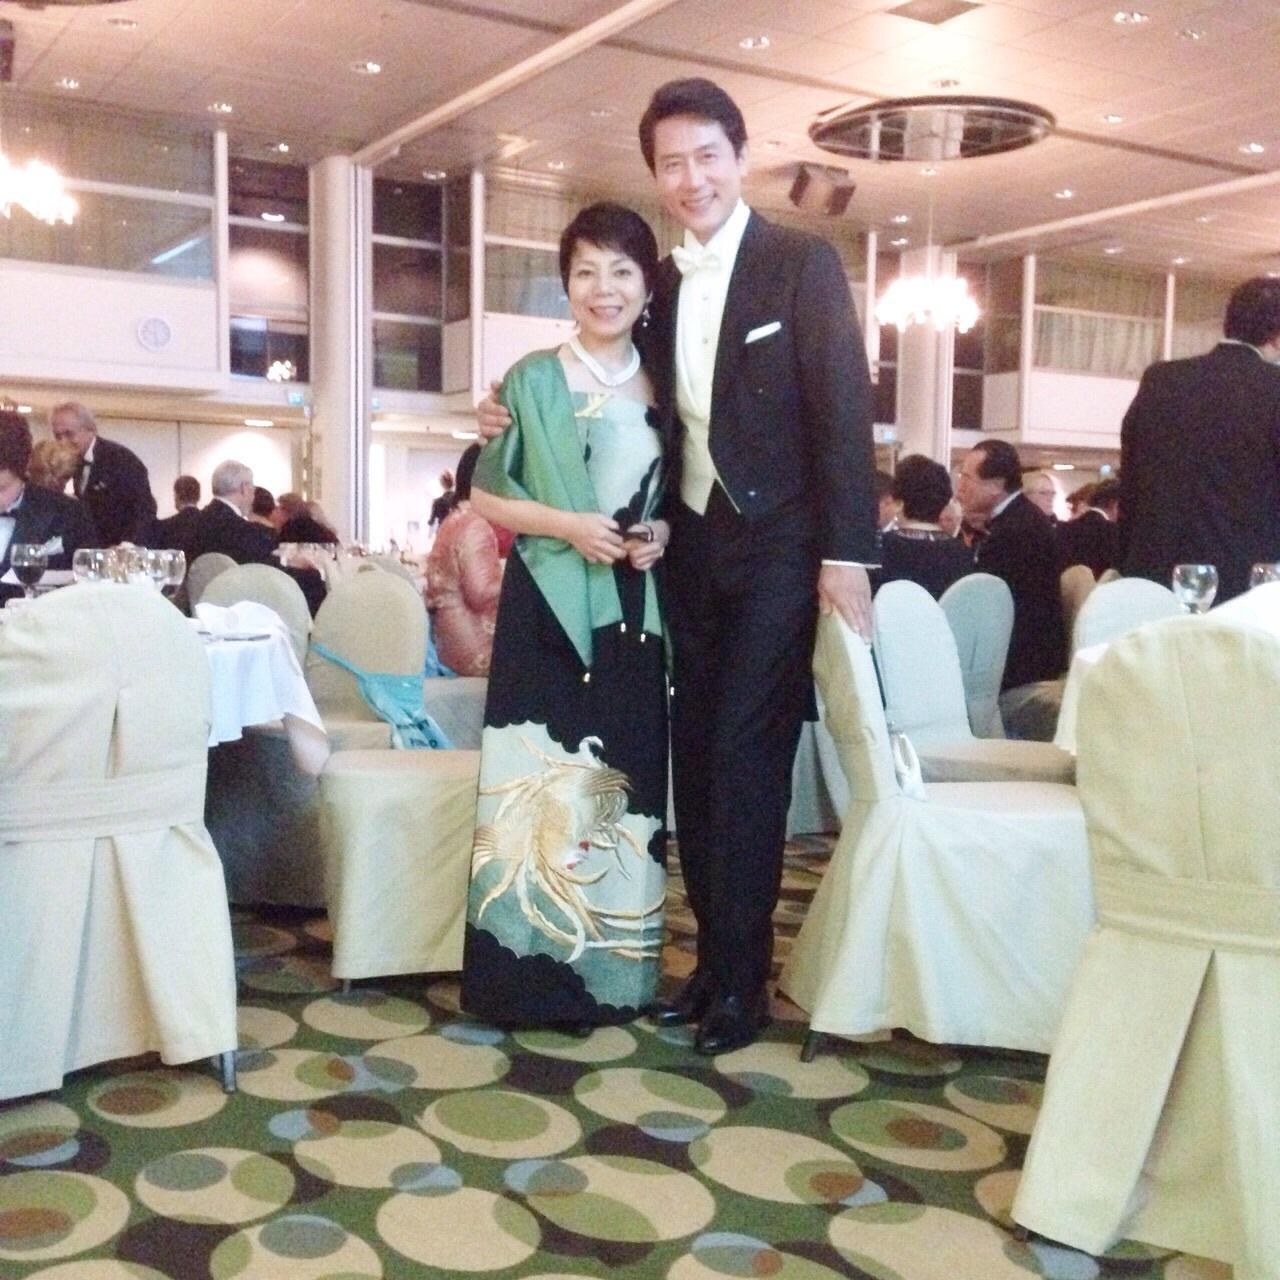 フィンランド世界大会で韓国のモデルさんと!_c0247853_03052840.jpg